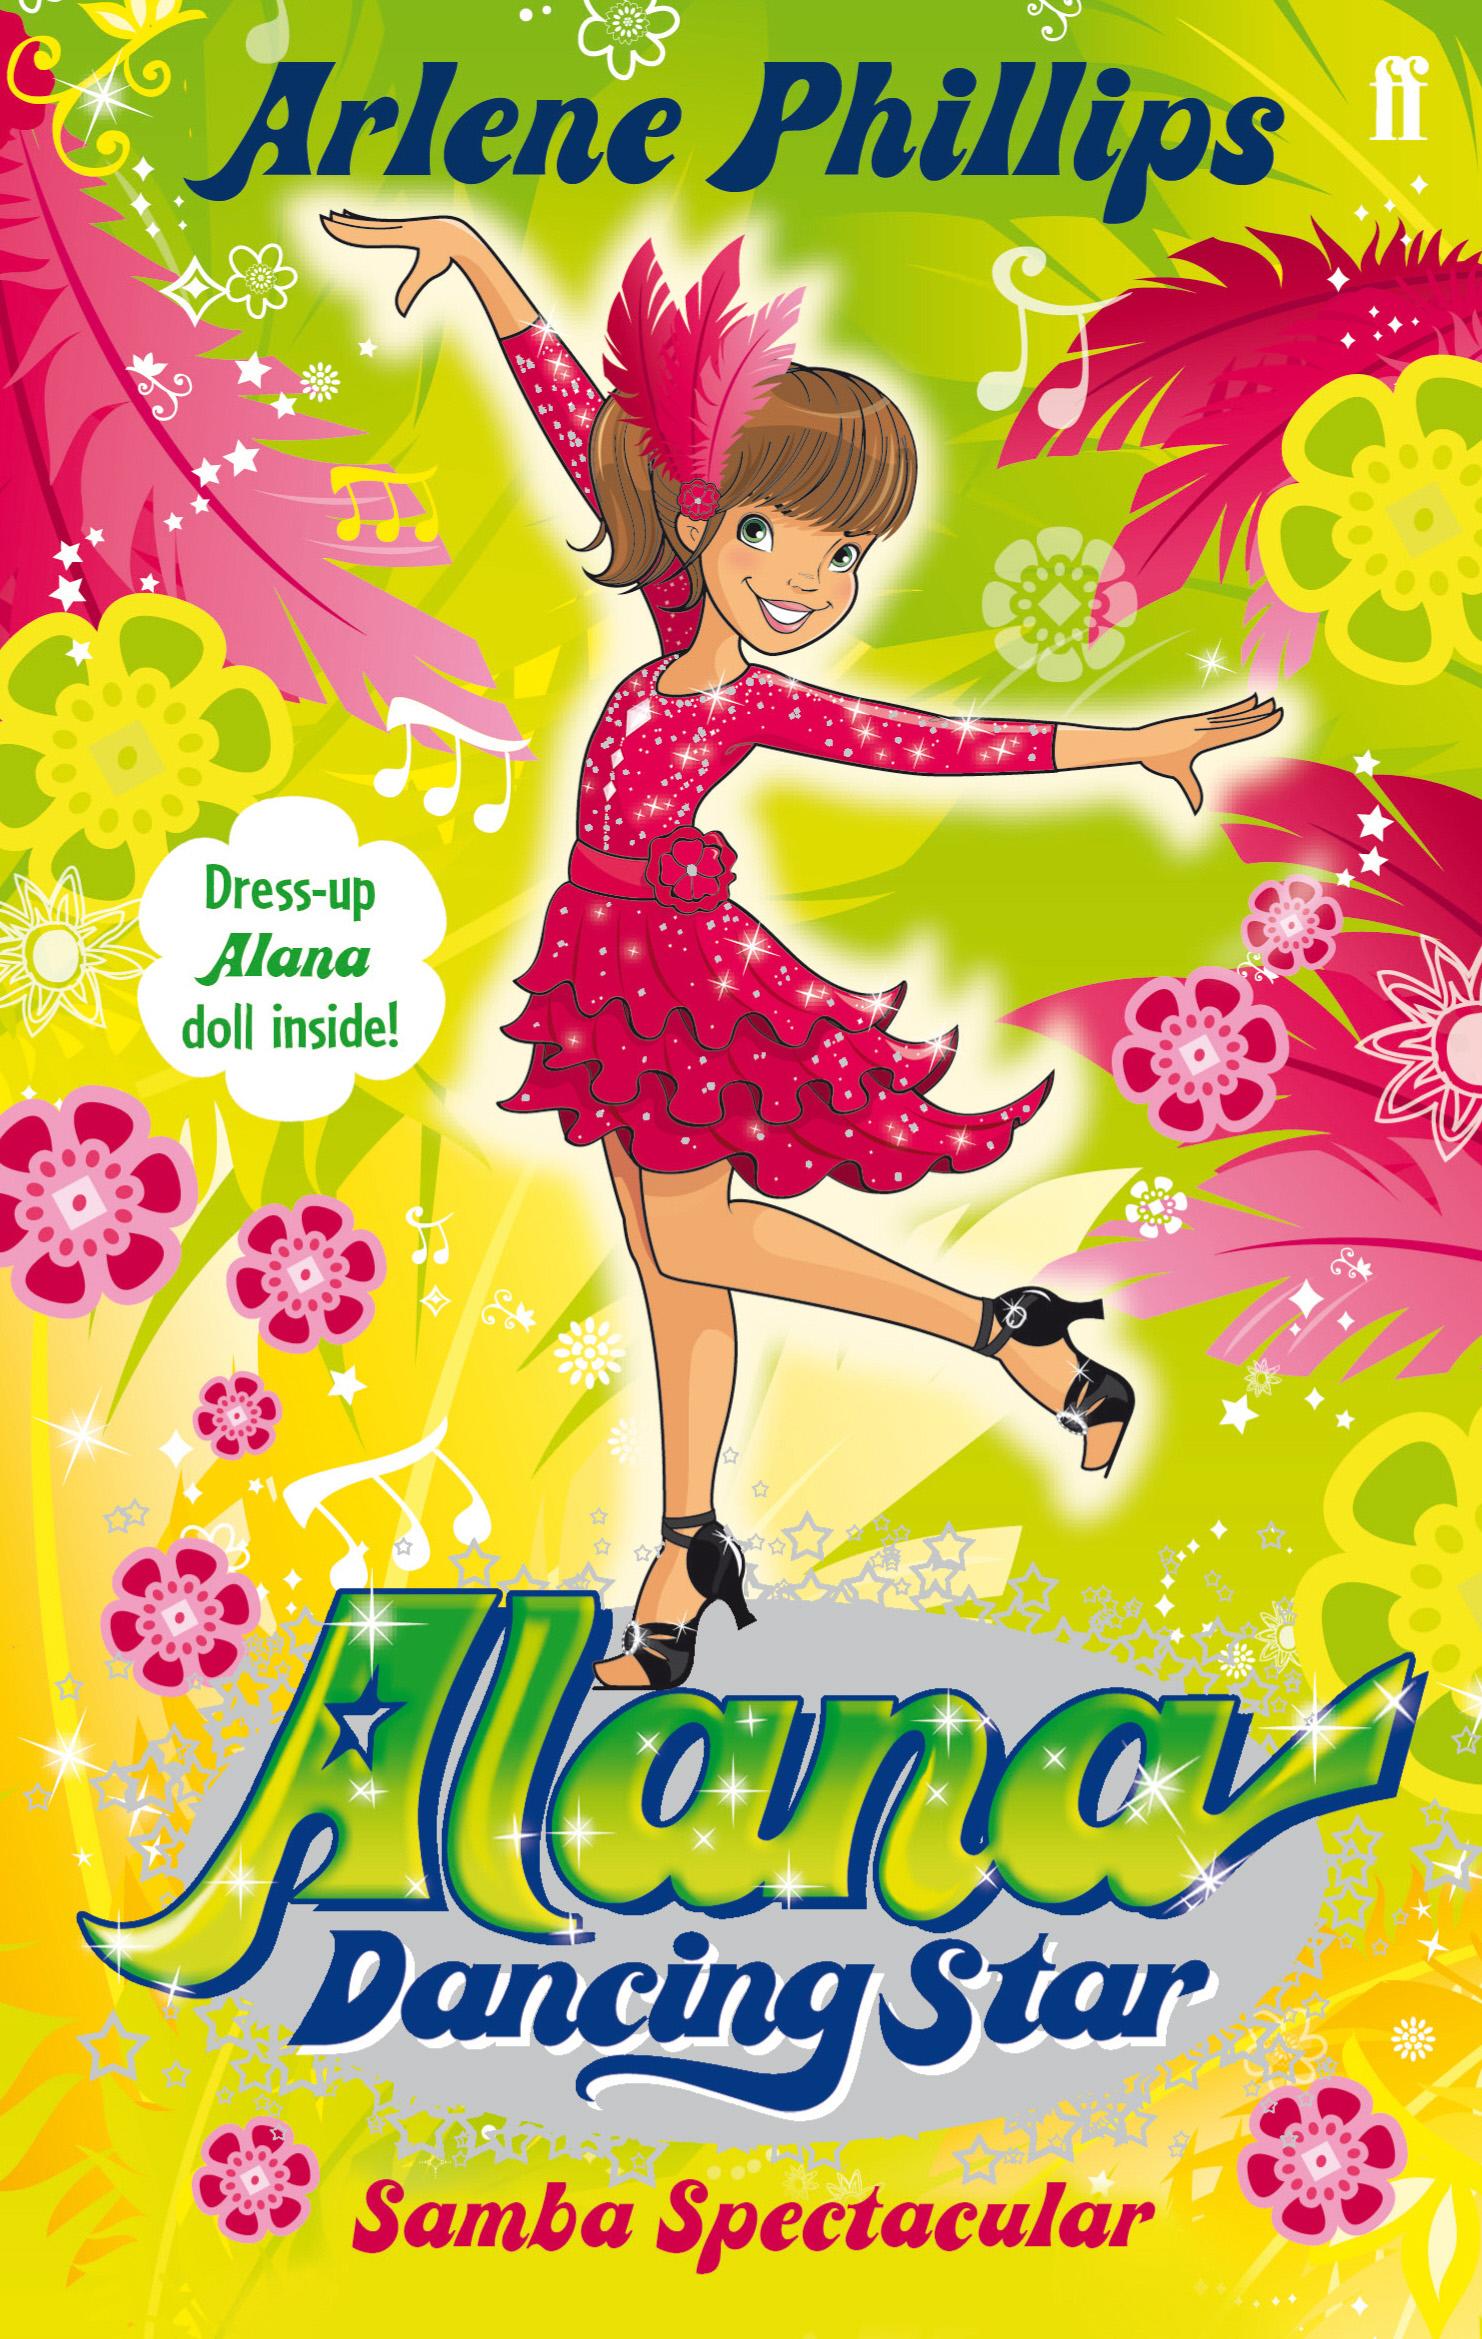 Alana Dancing Star - Samba Spectacular.jpg